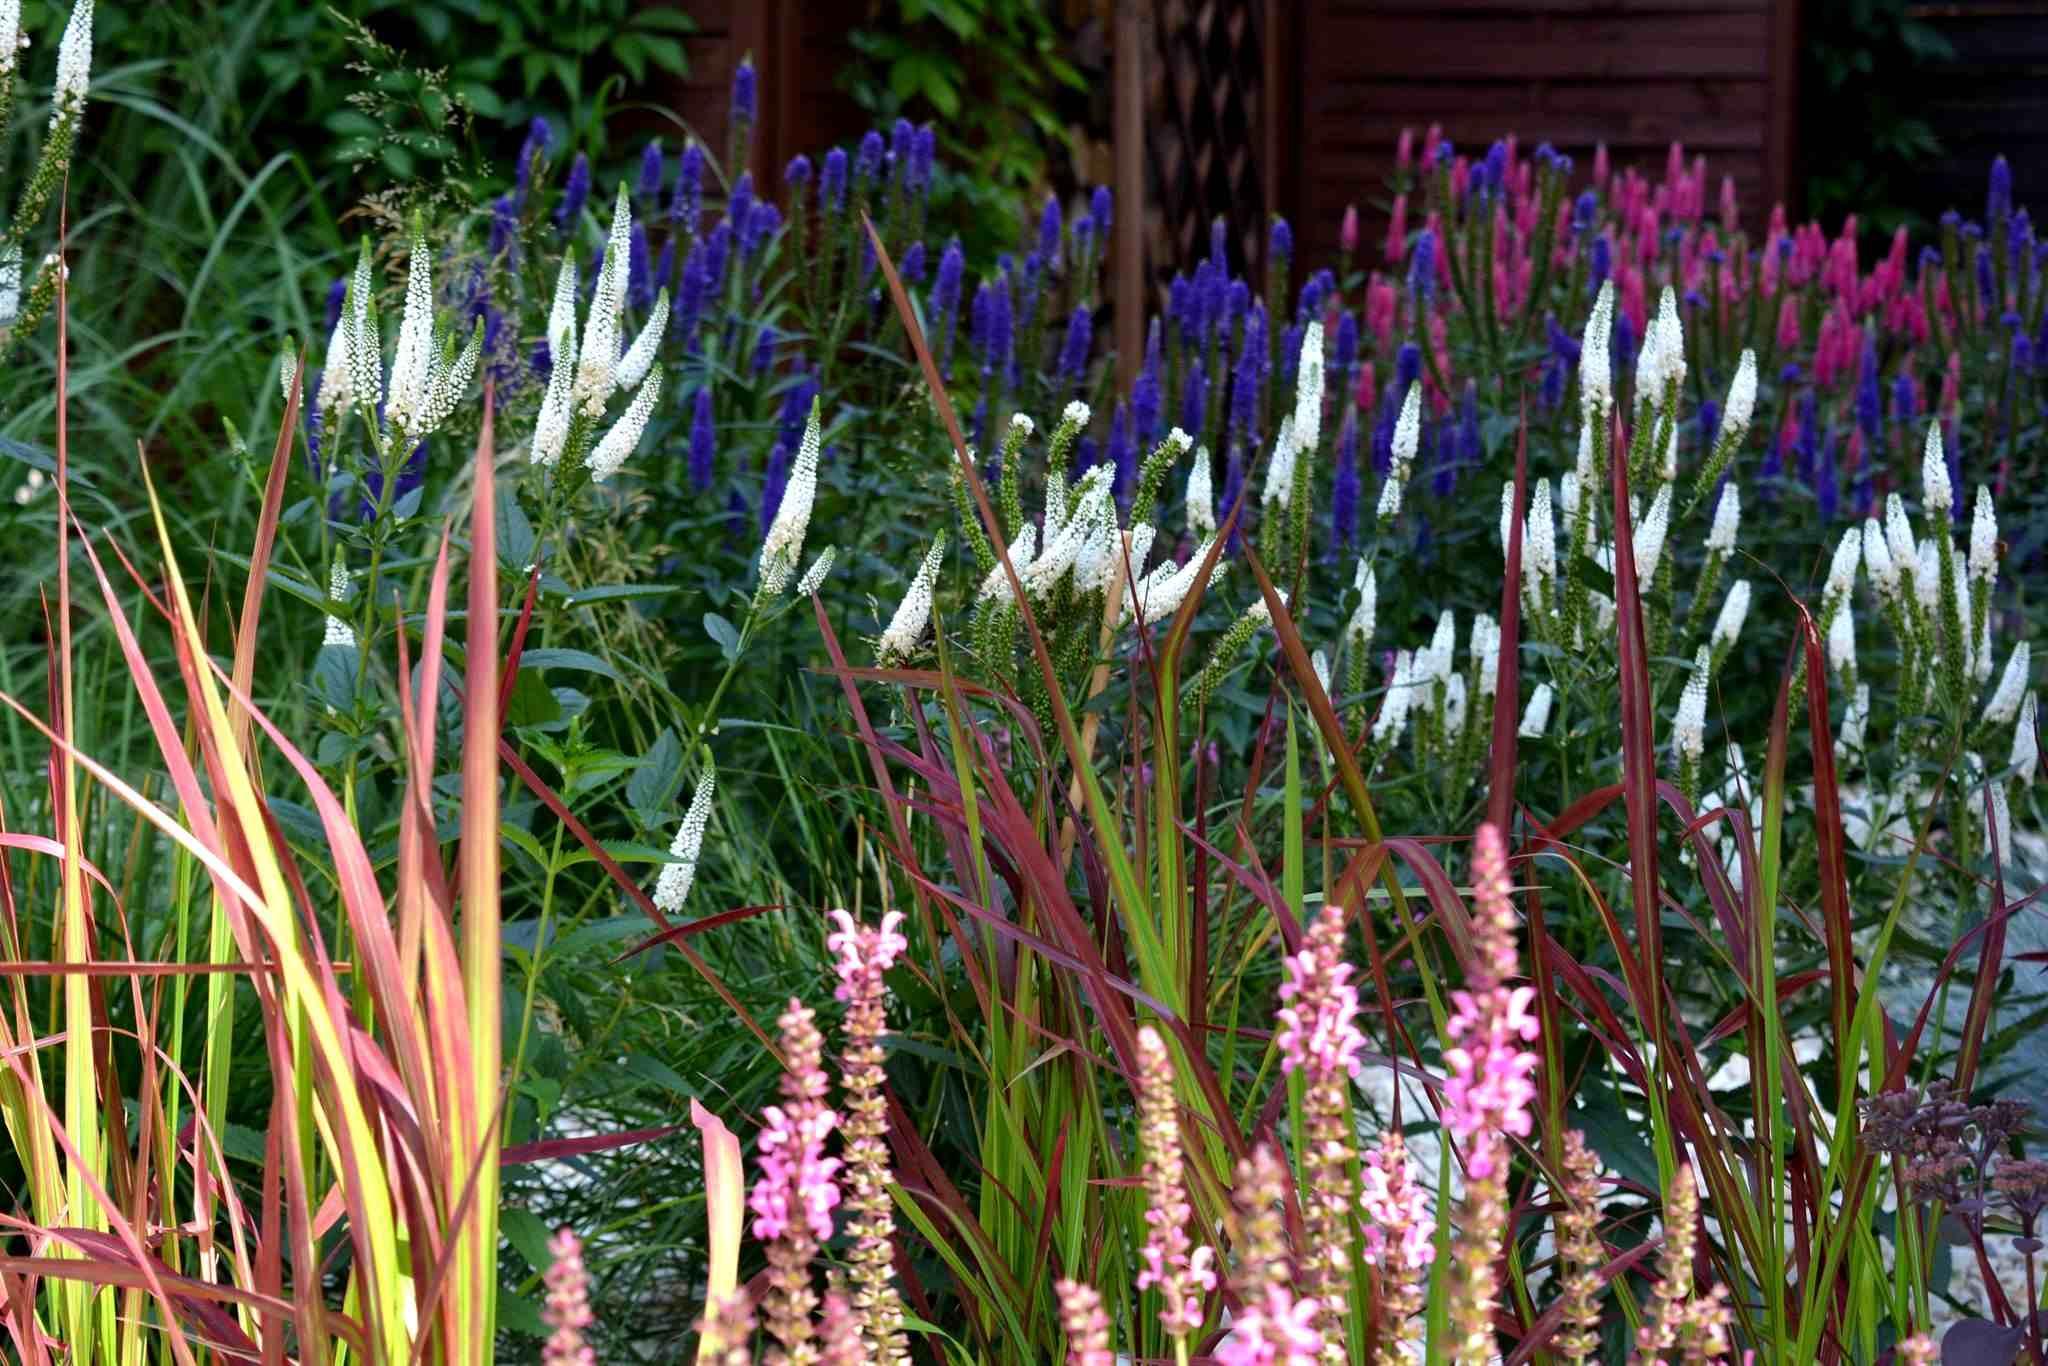 byliny długo kwitnące w rabacie bylinowej - ekspresja koloru